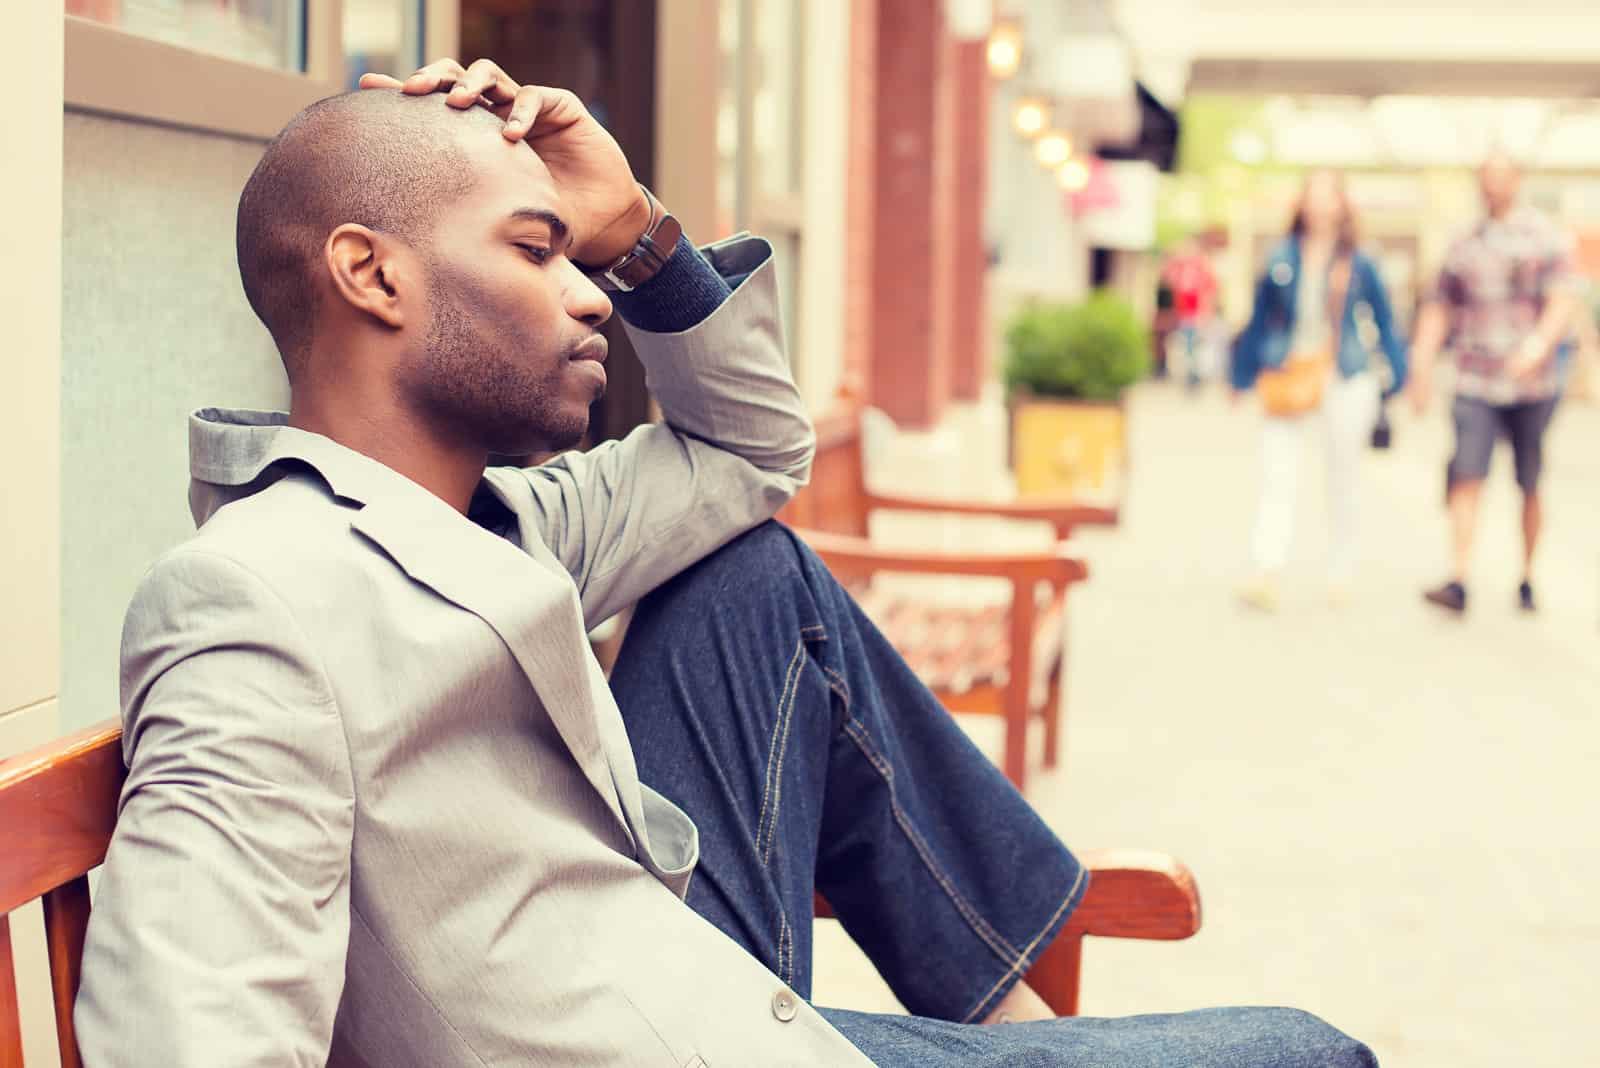 homme triste en blazer gris assis en plein air